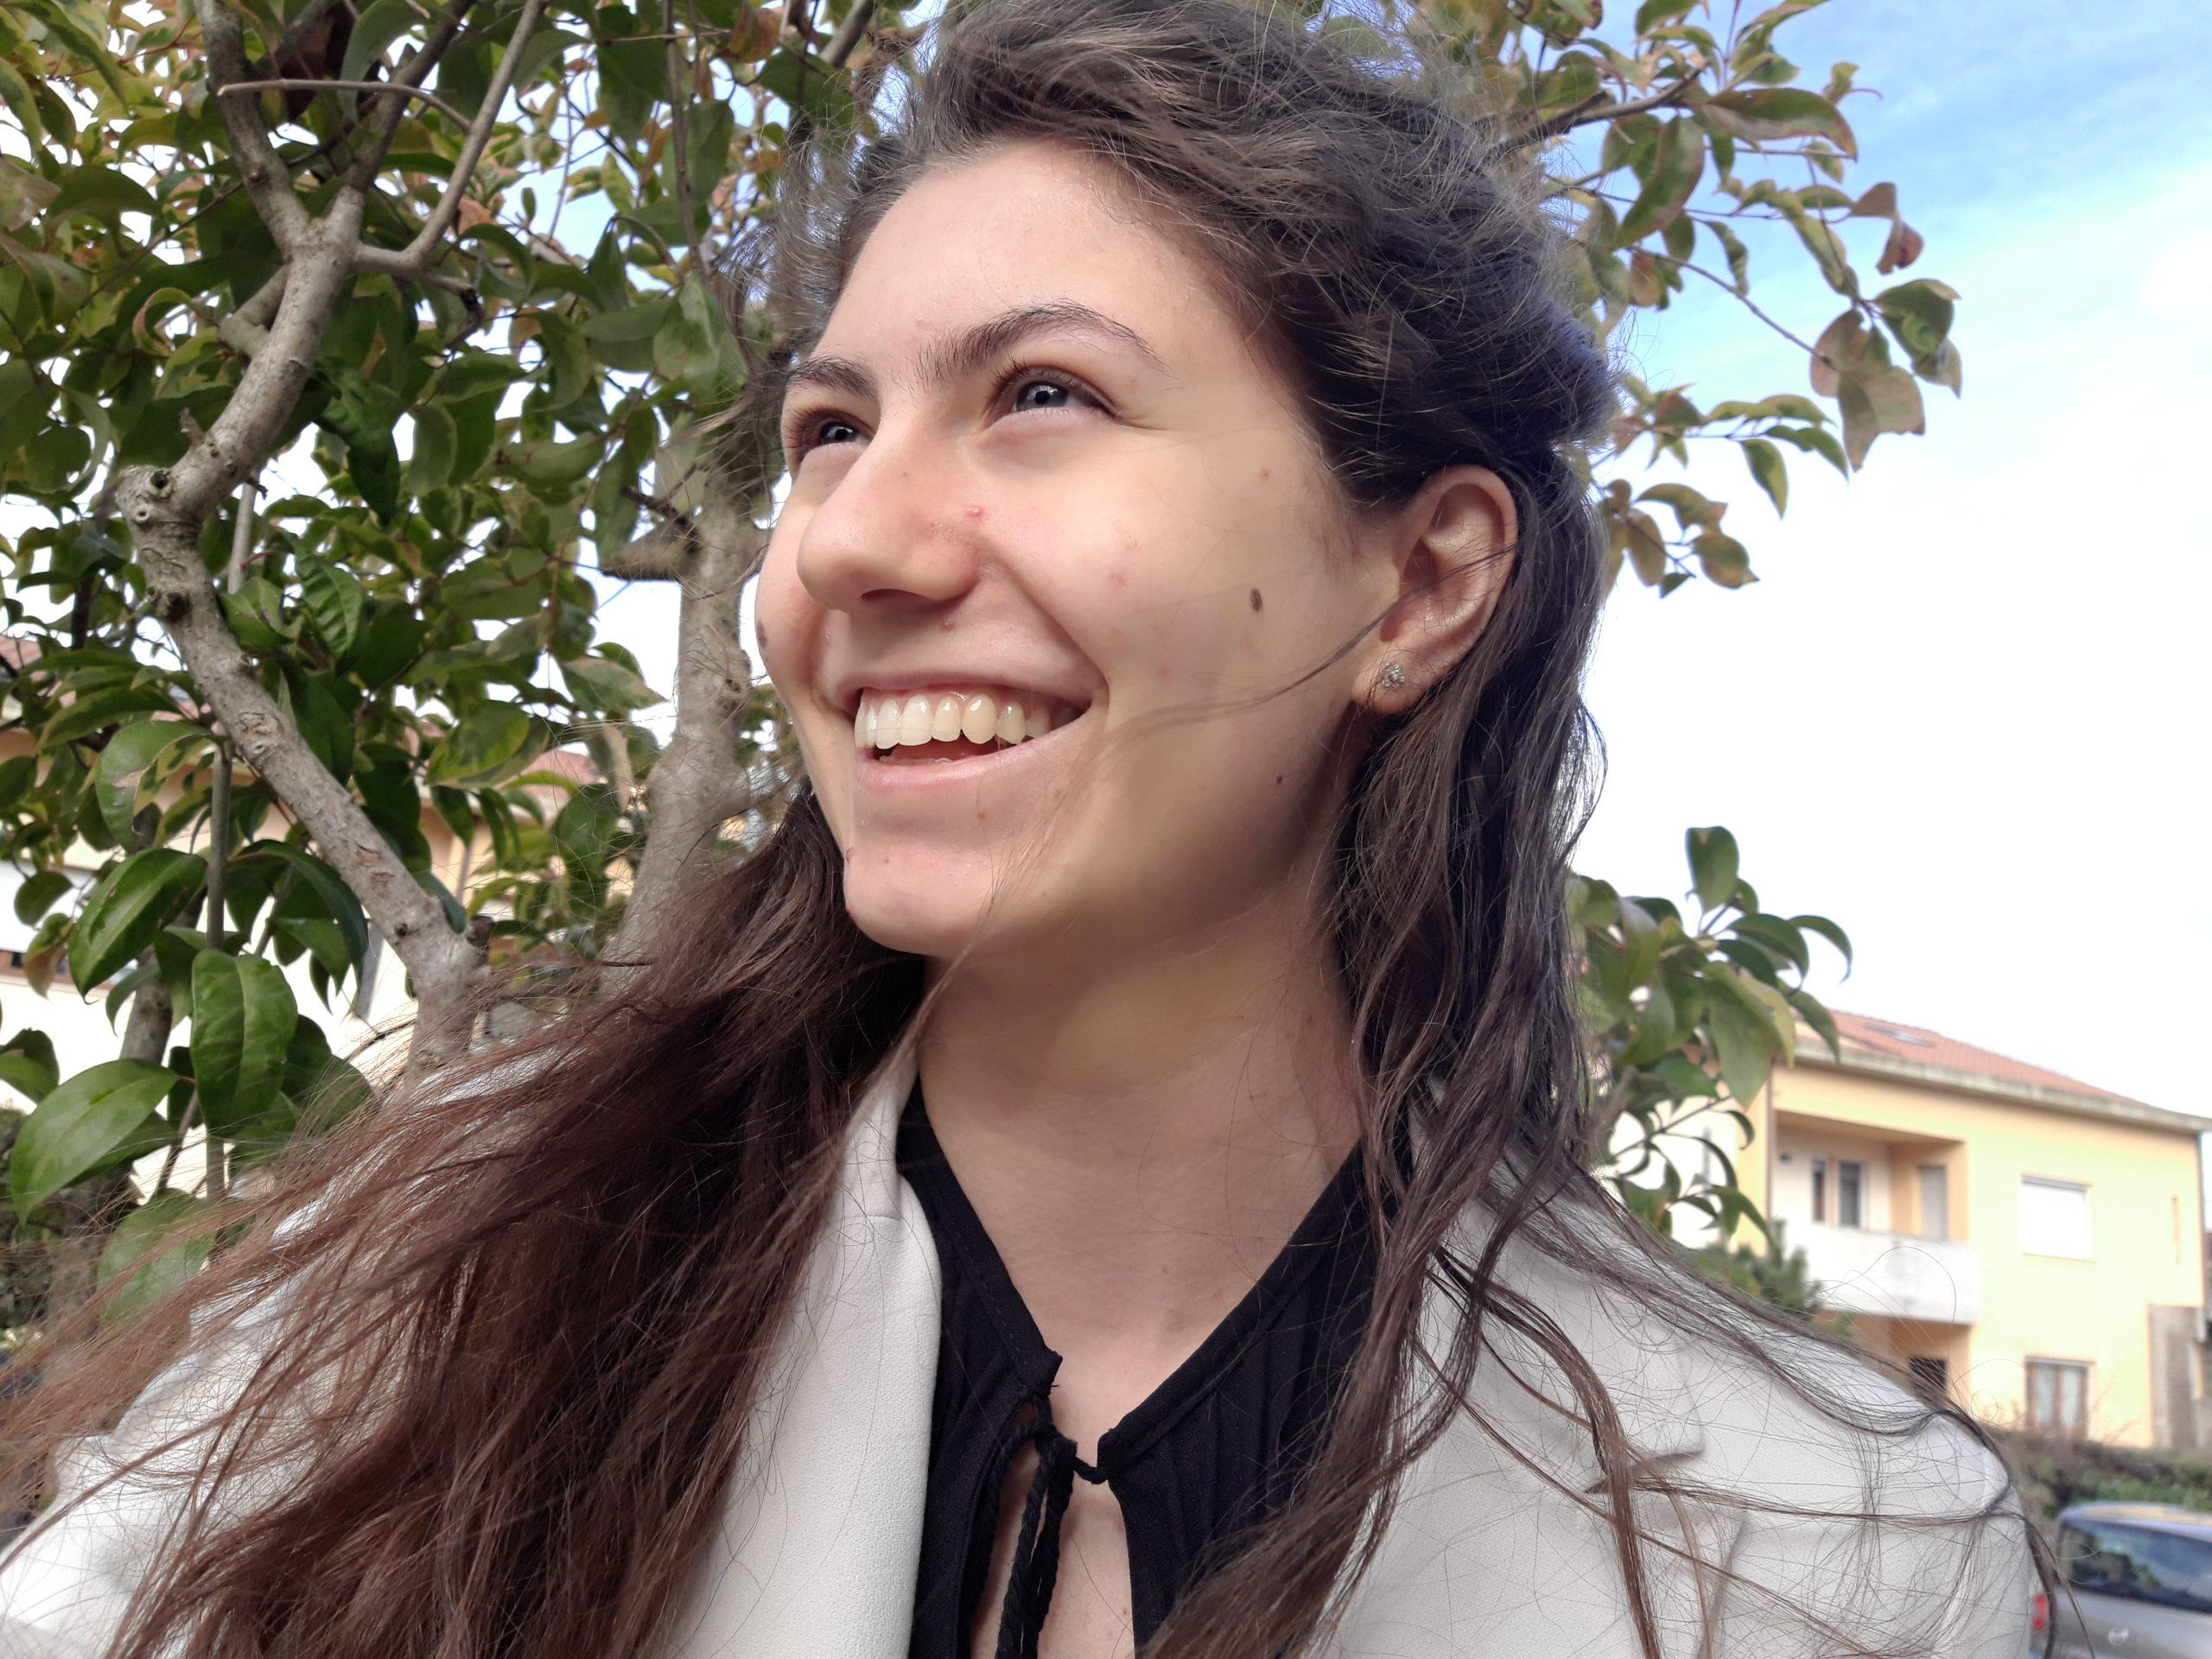 """""""Due chiacchiere con lo scrittore"""" con Emma Grilli autrice del libro di poesie """"Singhiozzi"""" edito da Pegasus Edition"""